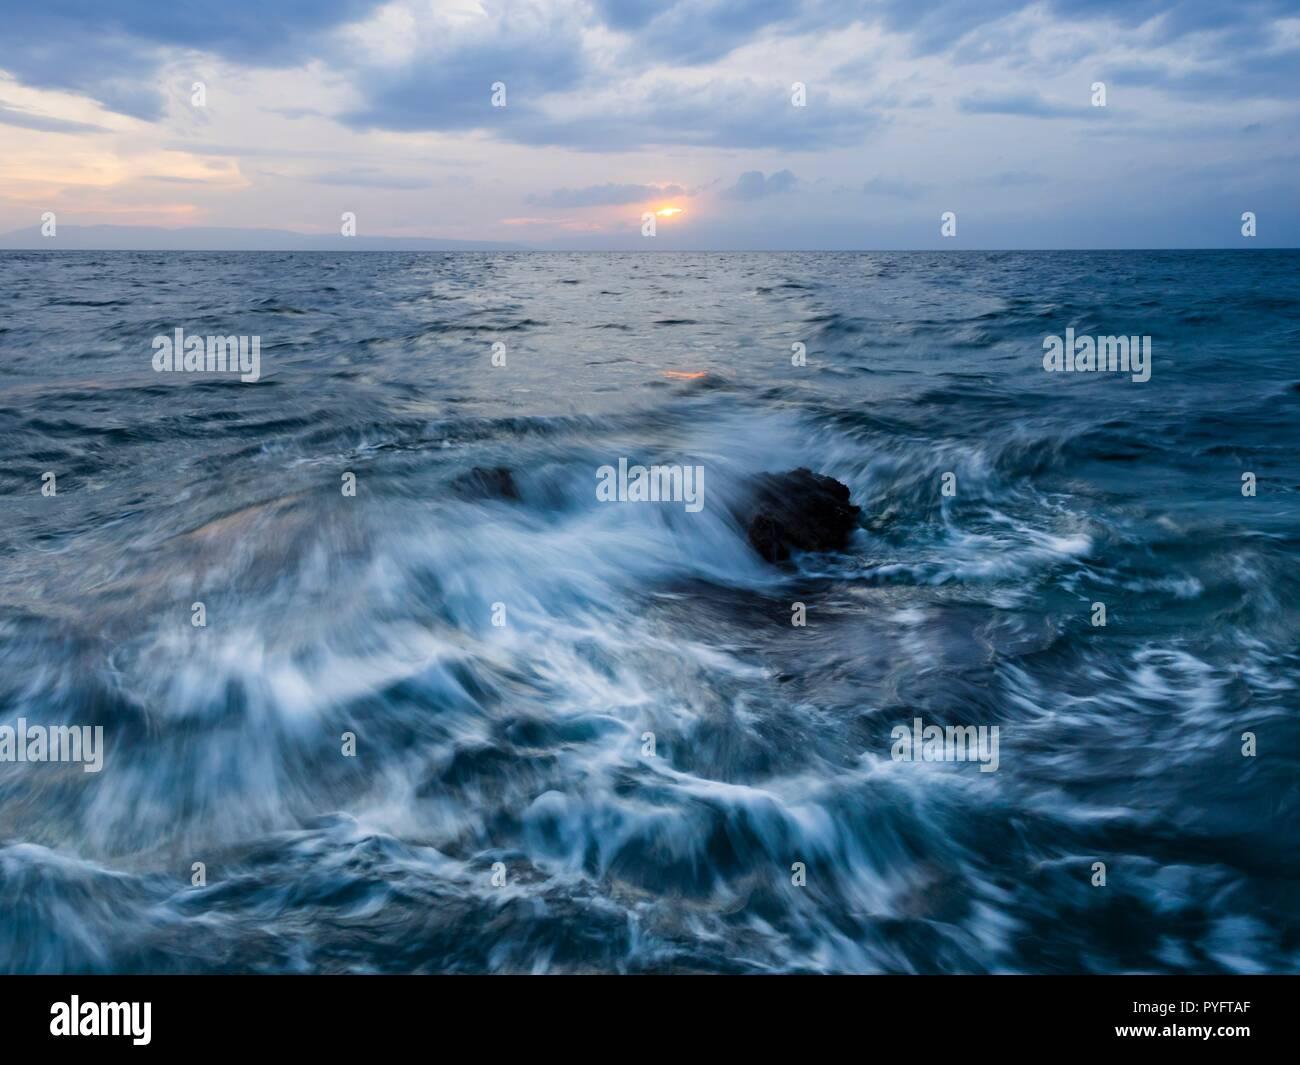 Las olas del mar golpeando dinámica rock casi-larga exposición Foto de stock